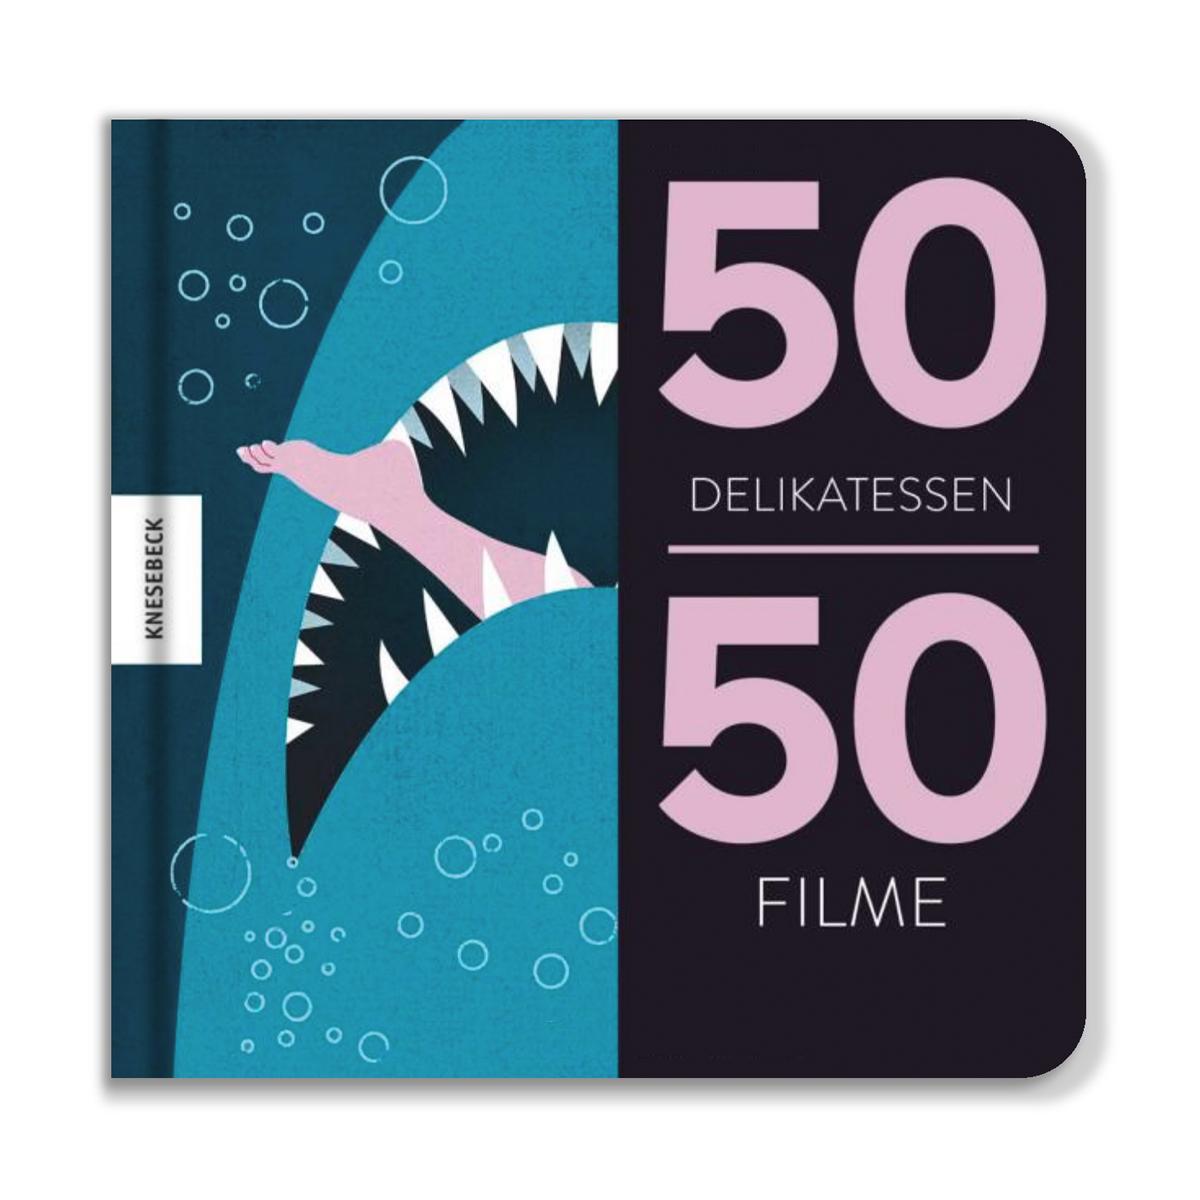 50 DELIKATESSEN – 50 FILME